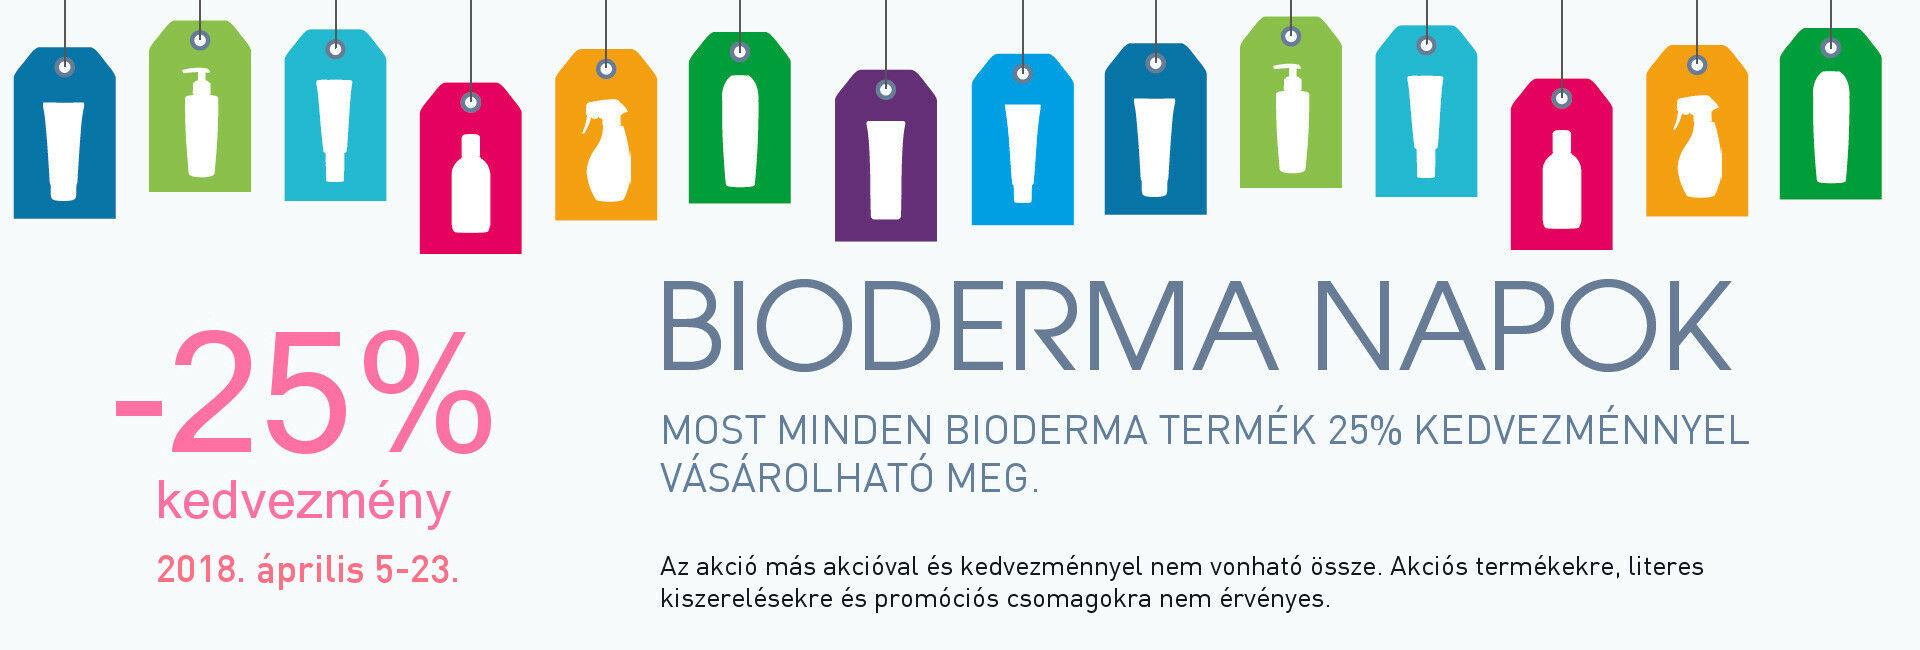 Bioderma Napok: minden Bioderma terméket 25% kedvezménnyel kínálunk 2018. április 5-23. között!